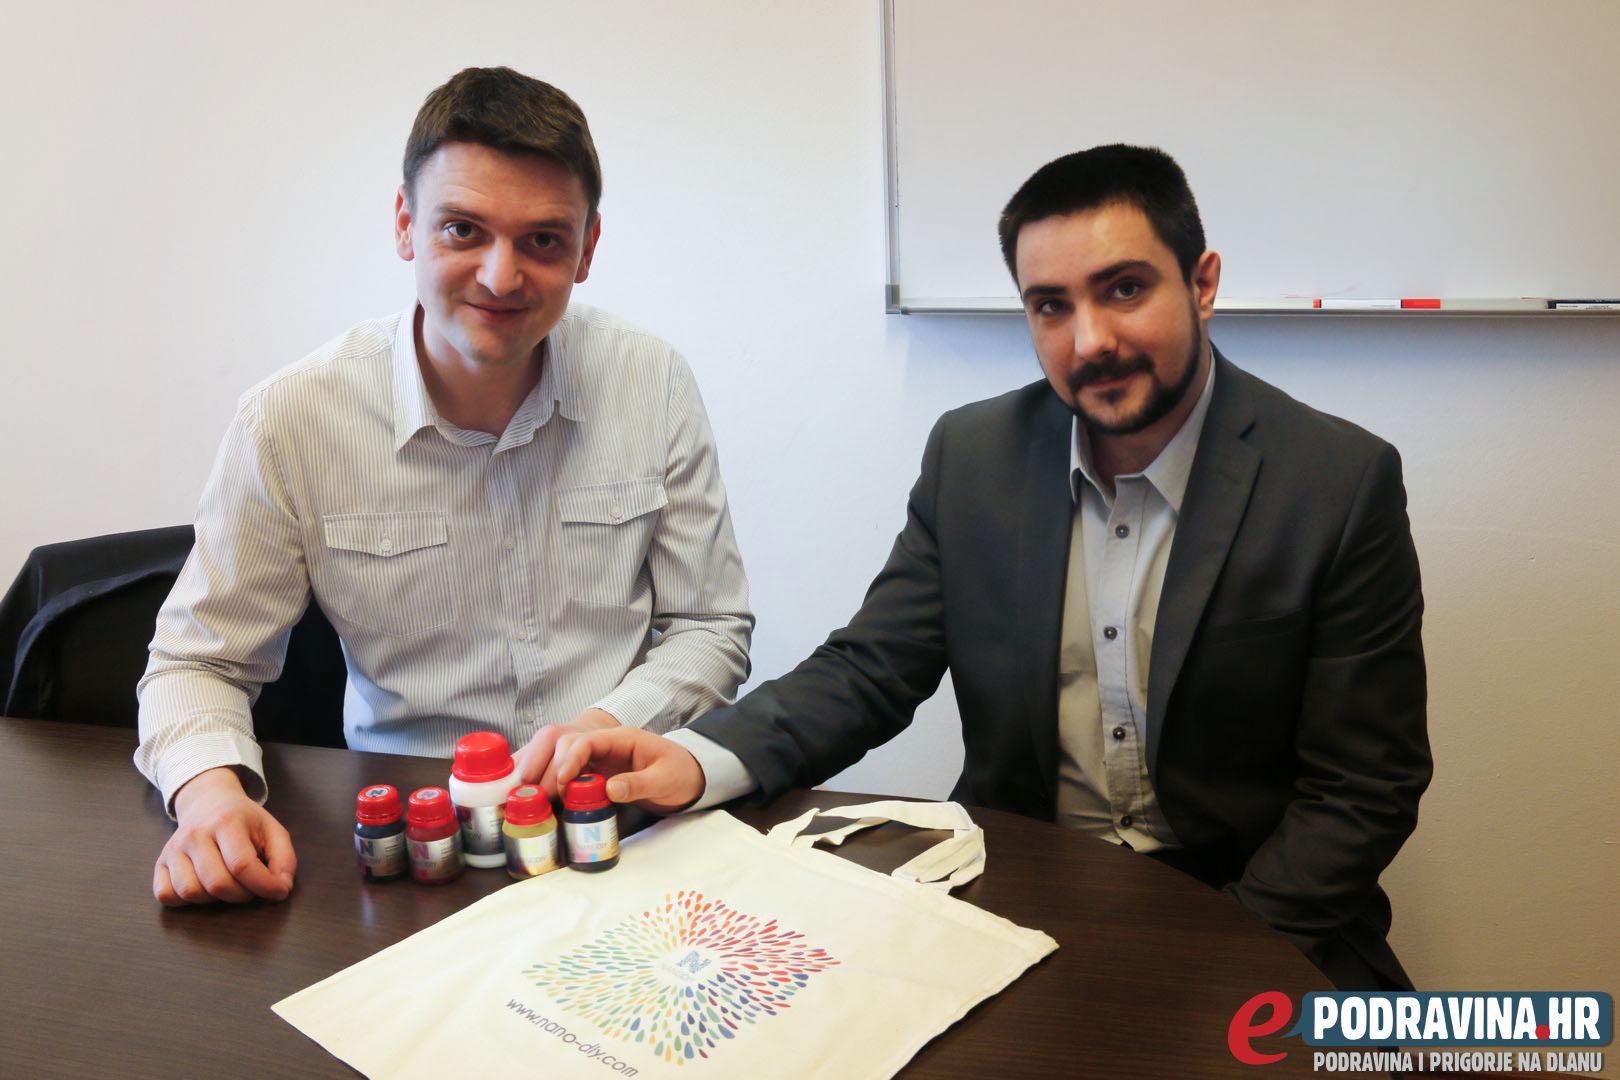 Saša i Zoran uz proizvode Nanodiy tehnologije // Foto: Kristina Kos